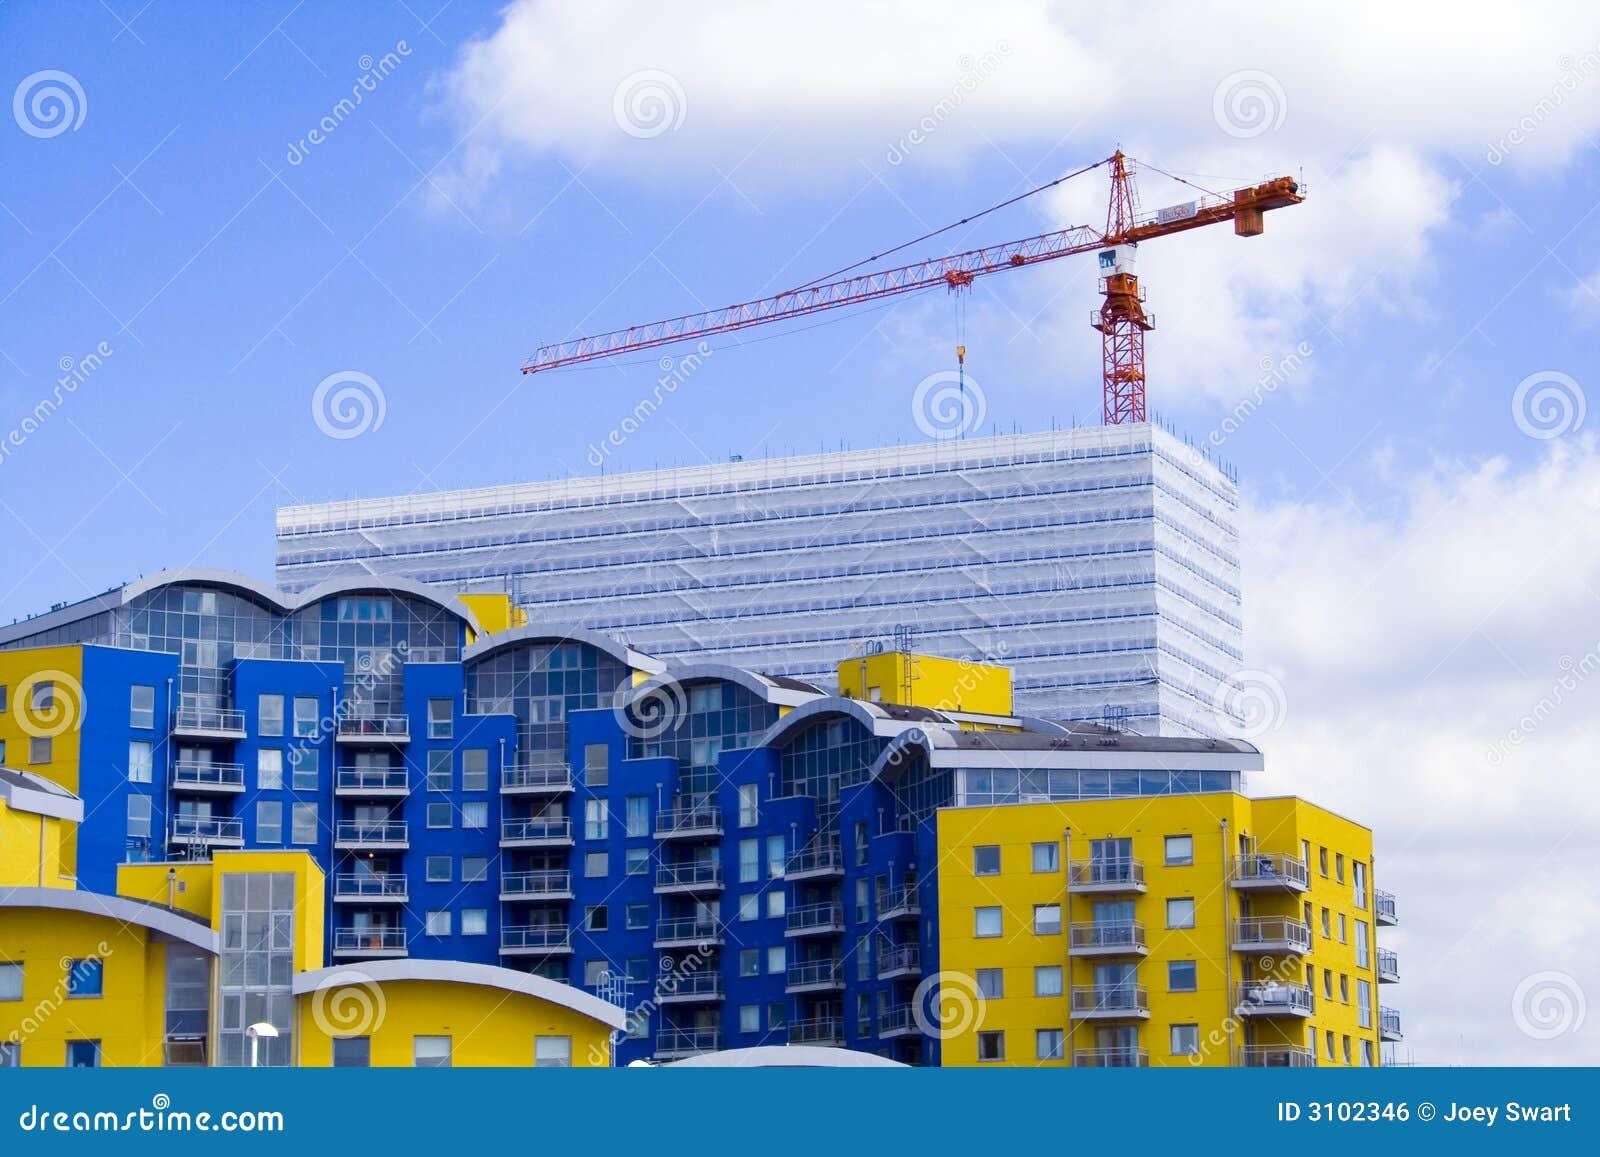 Chantier de construction image libre de droits image for Chantiers de construction